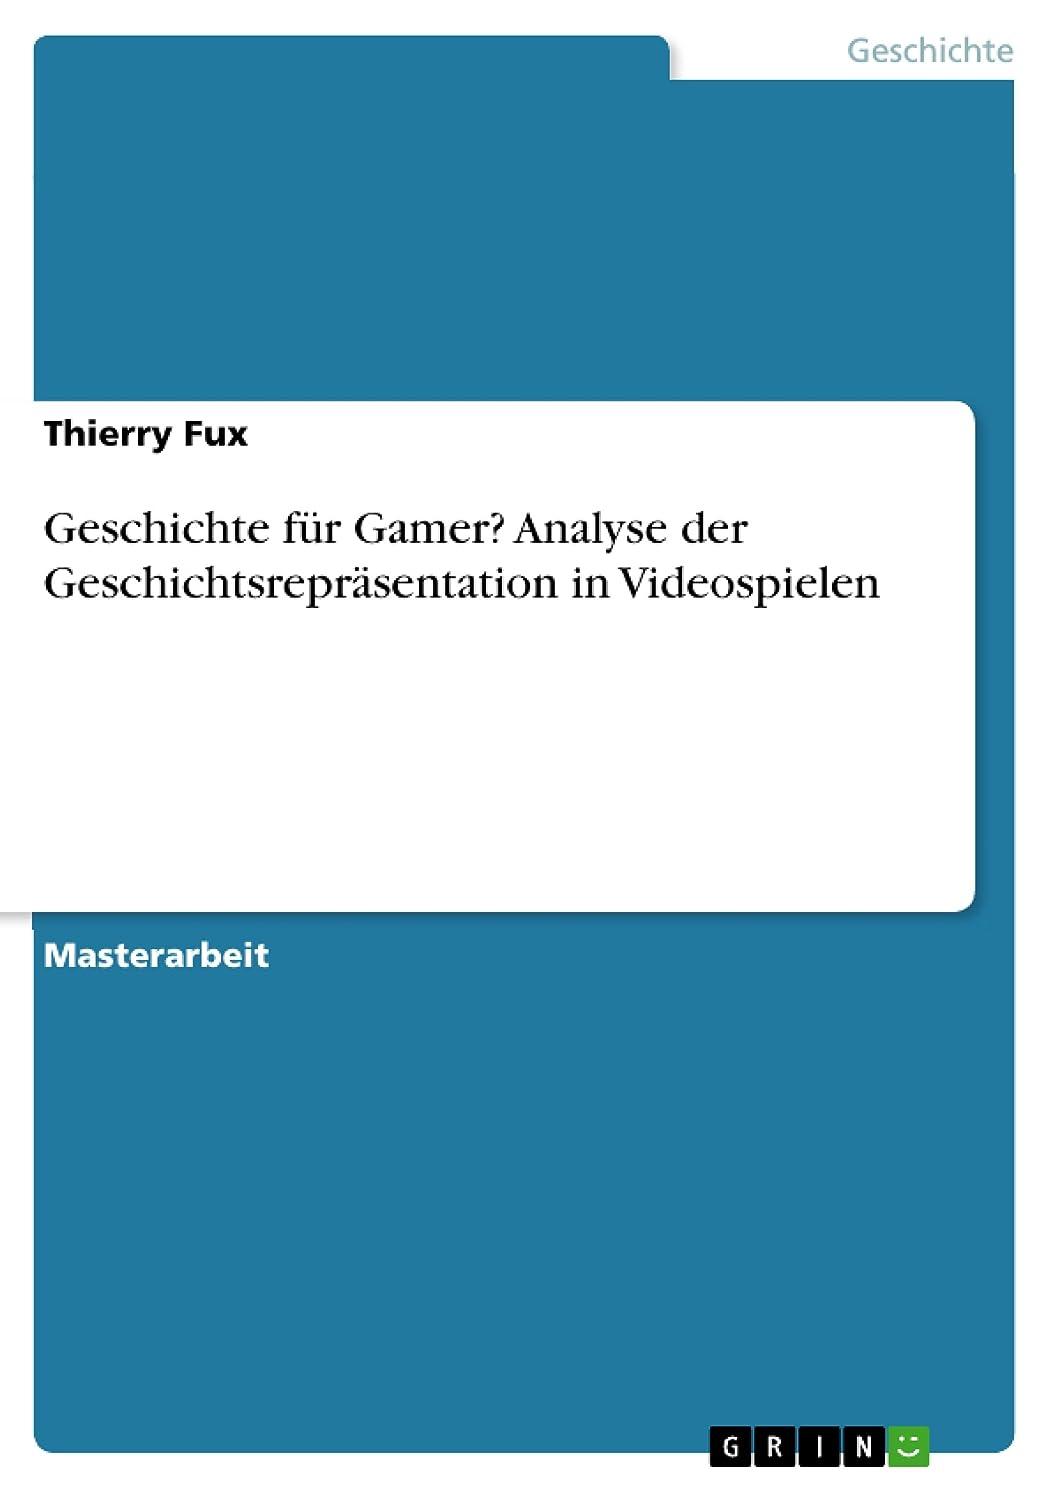 サスペンション優しさデマンドGeschichte für Gamer? Analyse der Geschichtsrepr?sentation in Videospielen (German Edition)